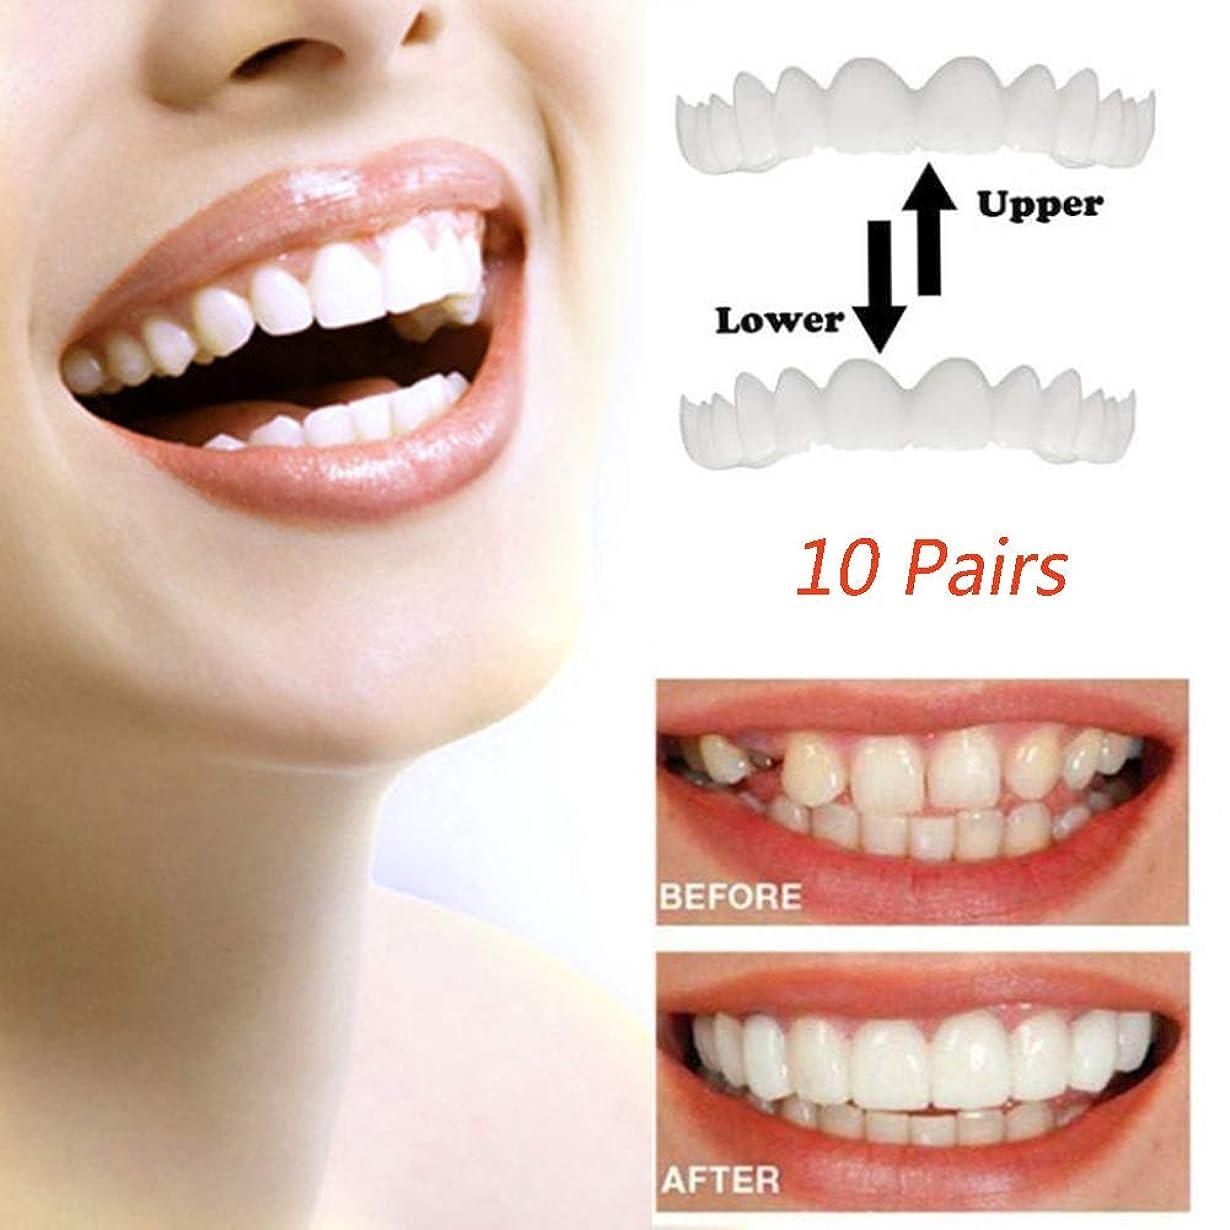 行う惨めなことわざプロの笑顔仮歯キット10ペア上下の歯の化粧品のベニヤ自信を持って笑顔の快適さフレックスパーフェクトベニヤワンサイズフィット